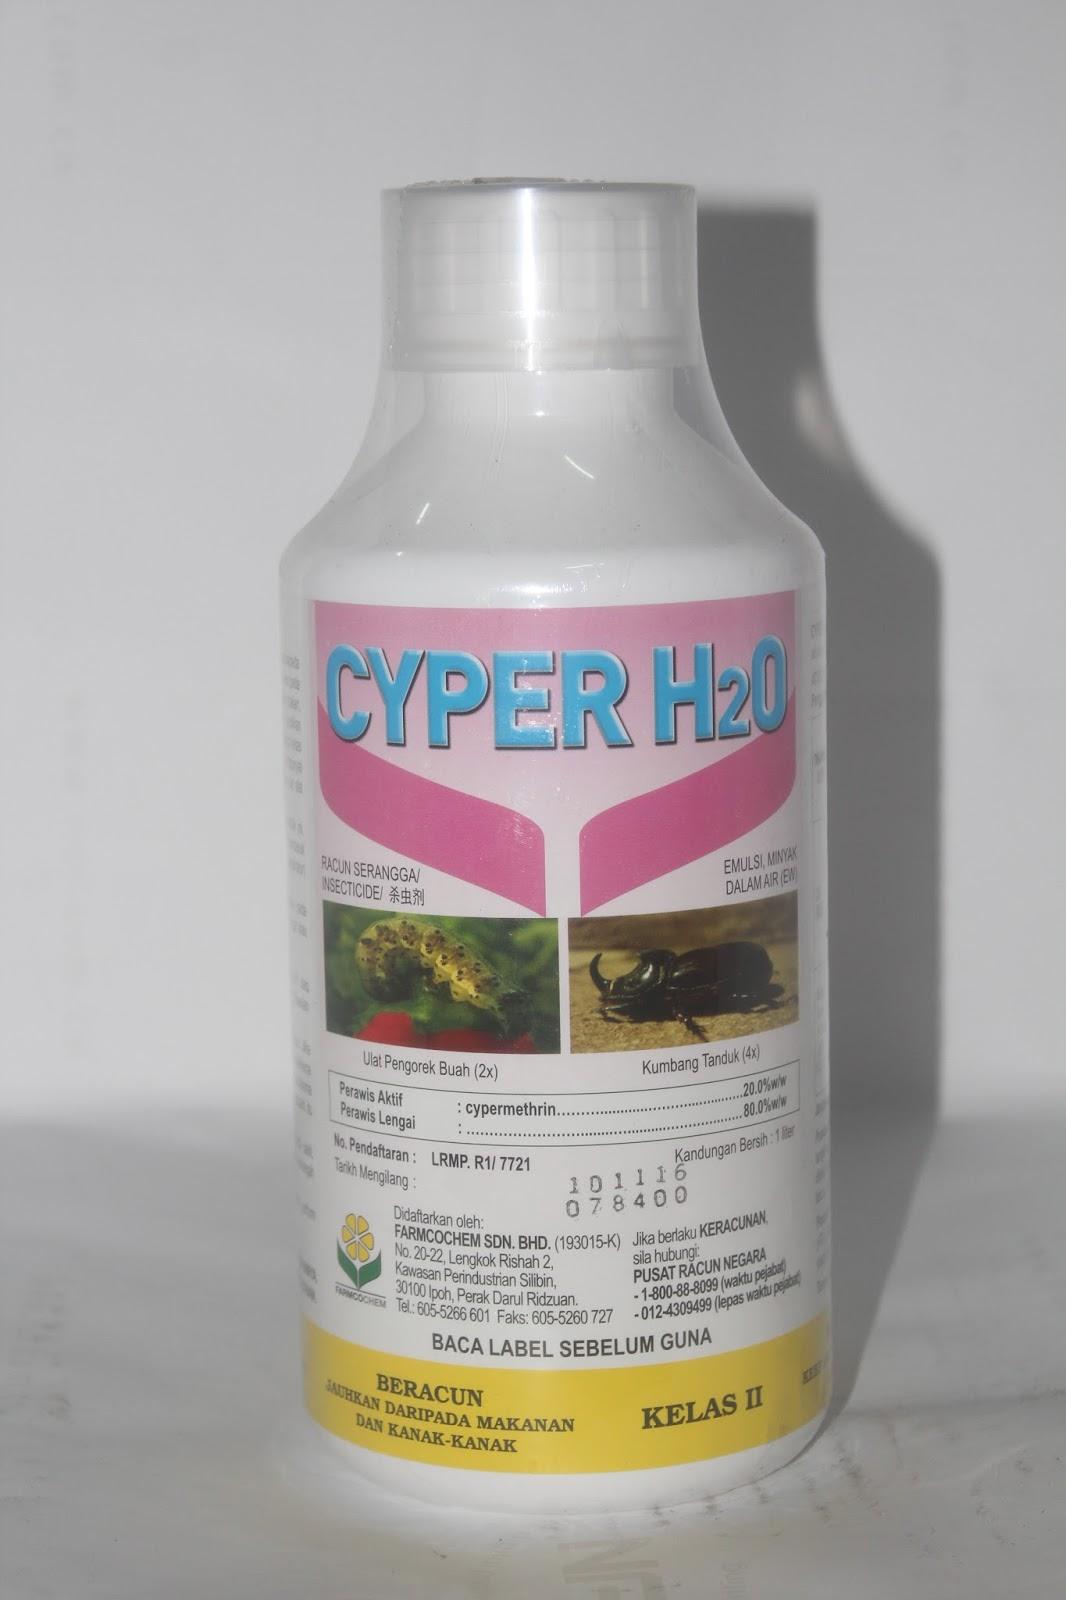 Cyper H20 - RM50.00